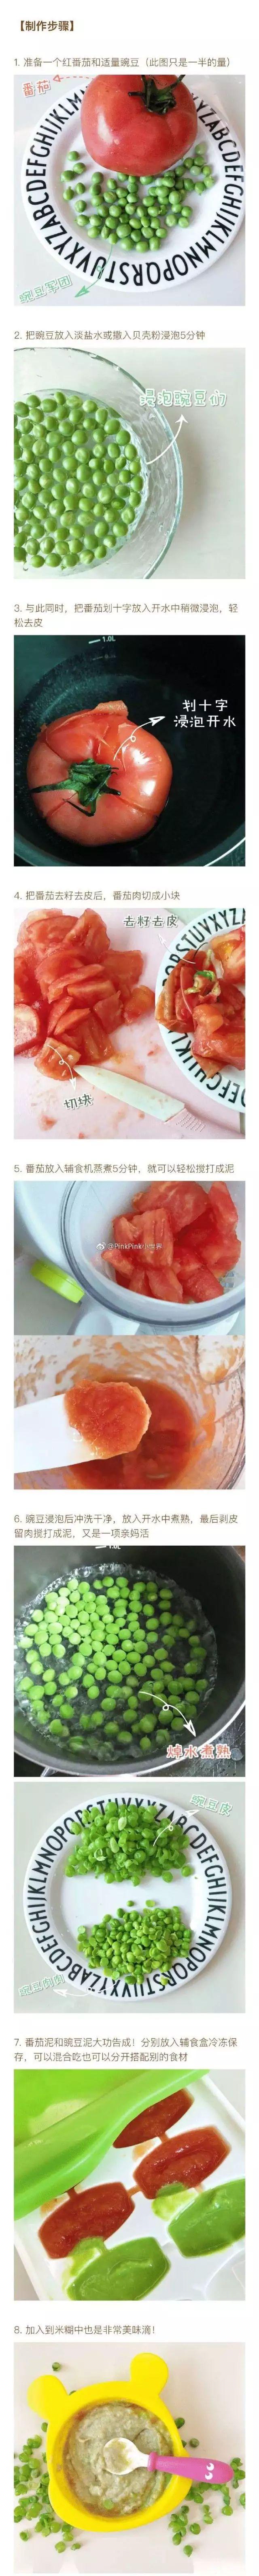 【爱育幼童|妈妈厨房】 番茄豌豆泥